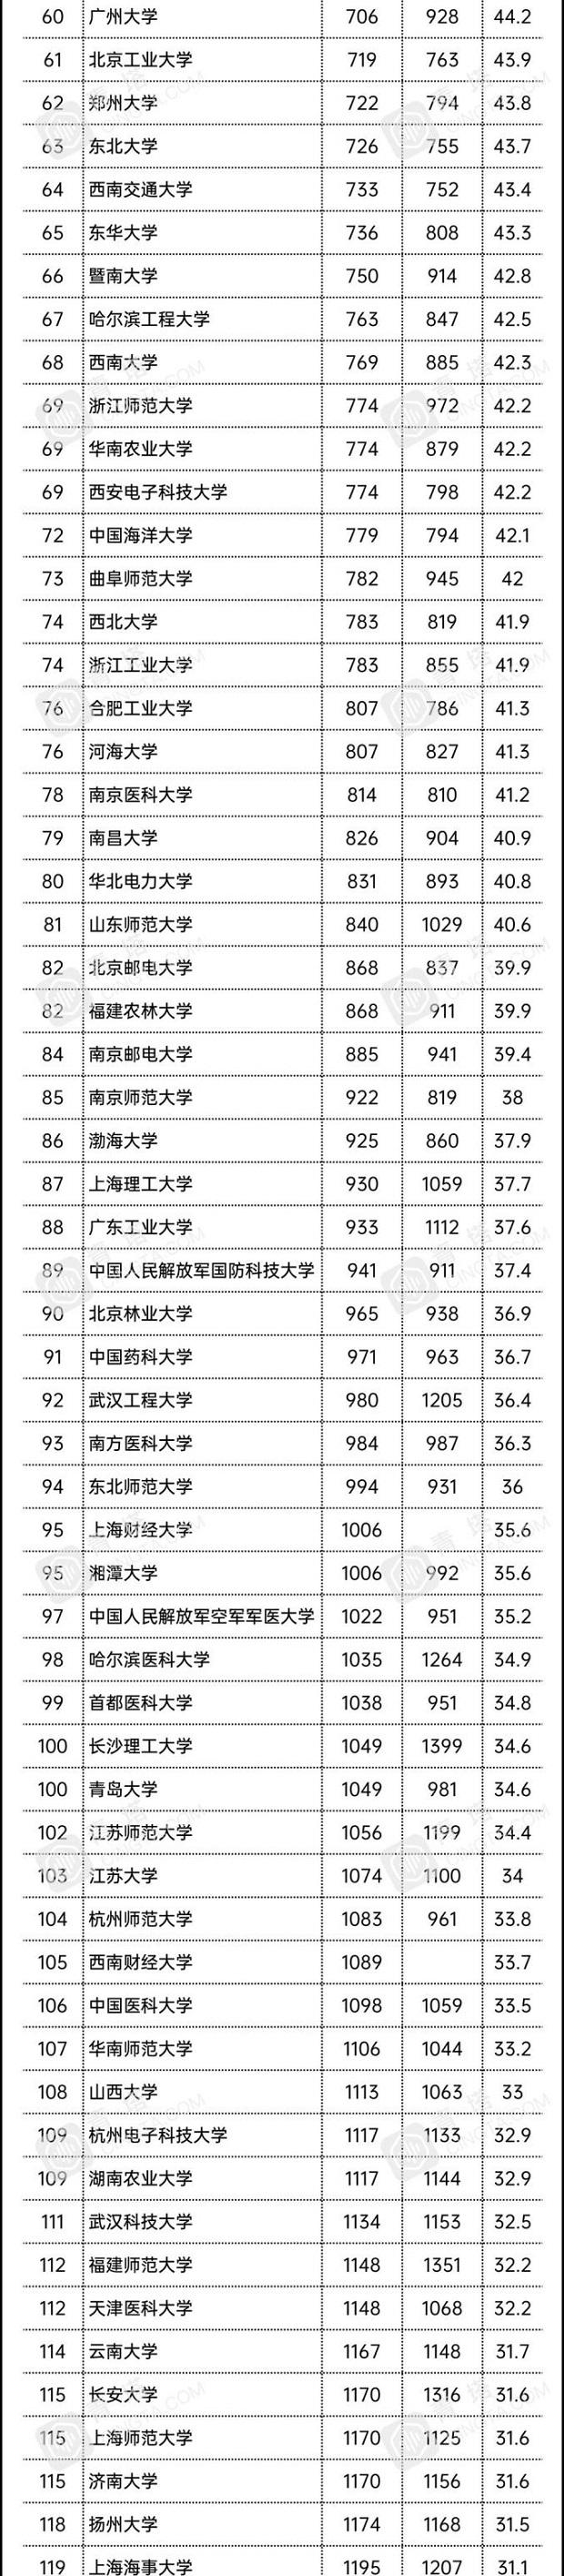 中国大学排名.jpg